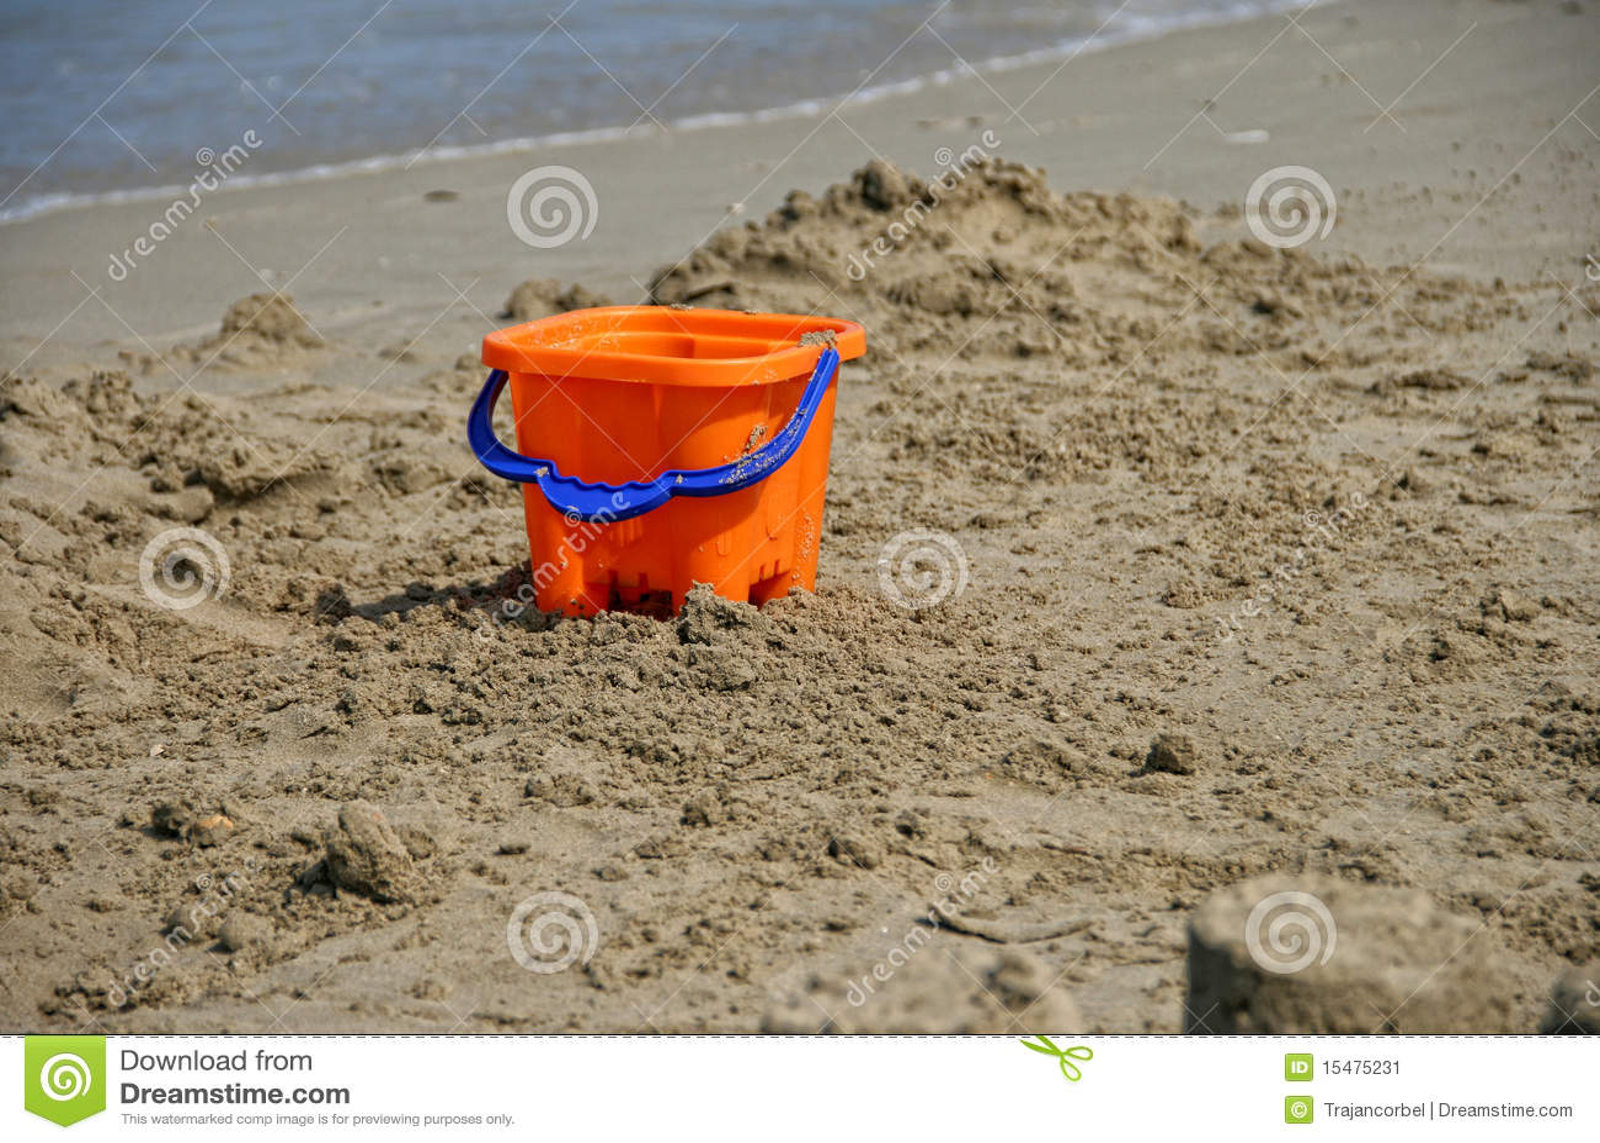 Position de jouet sur le sable